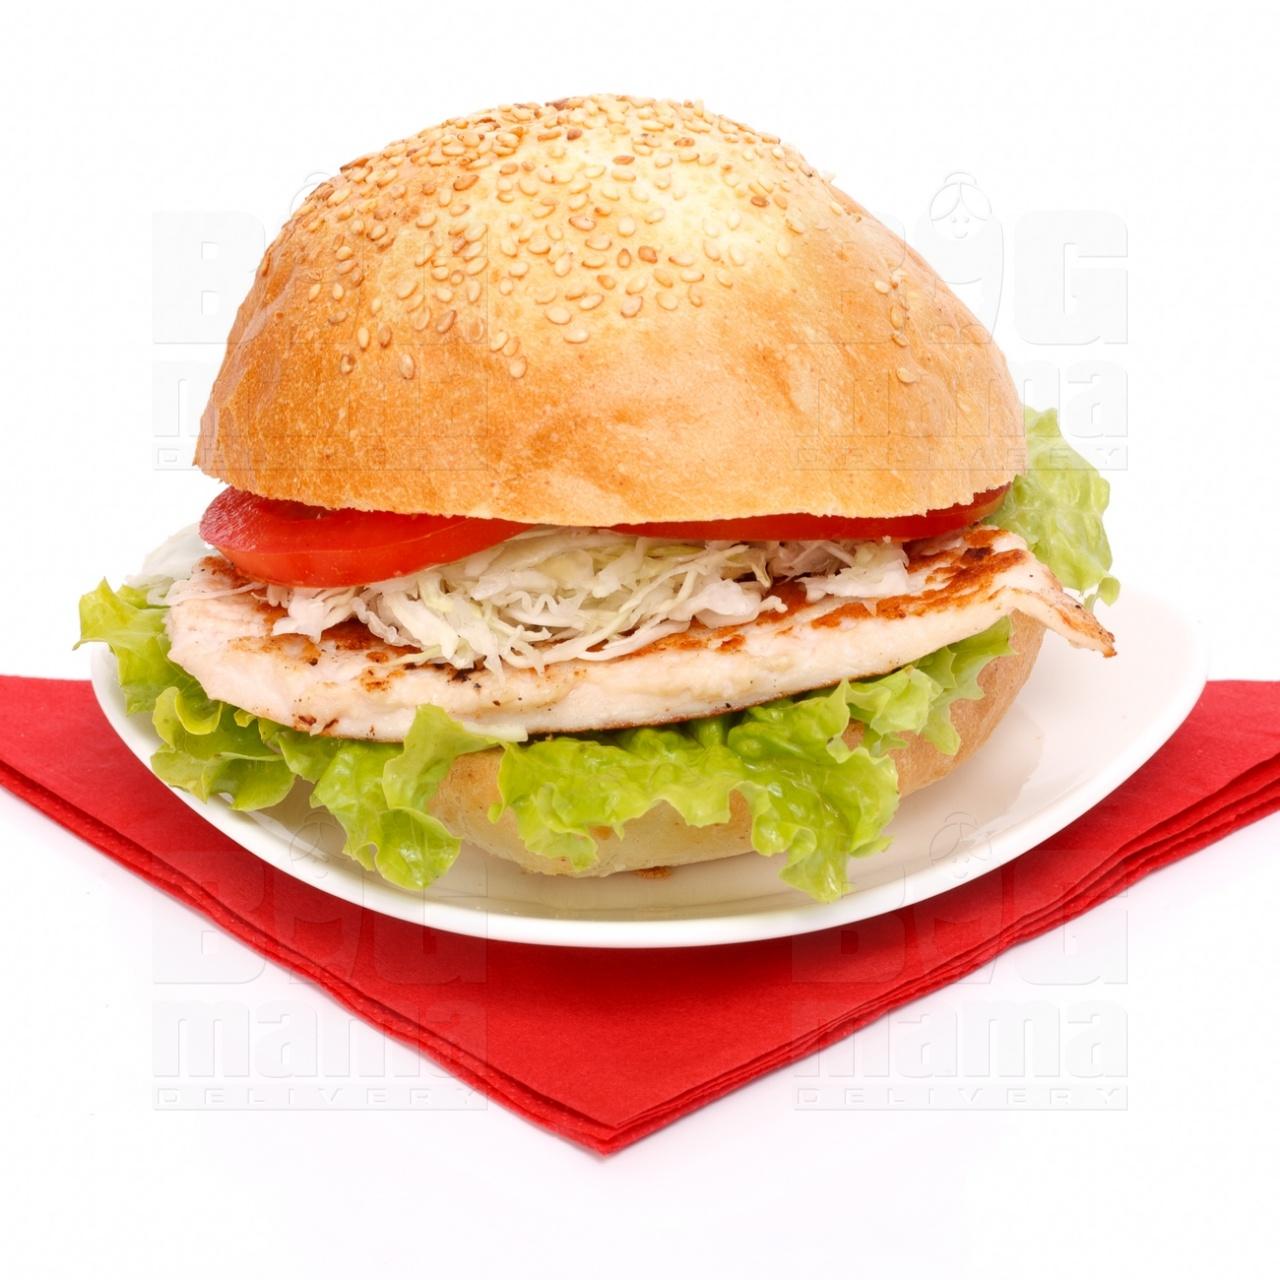 Product #56 image - Sandviş mare cu piept de pui la grătar